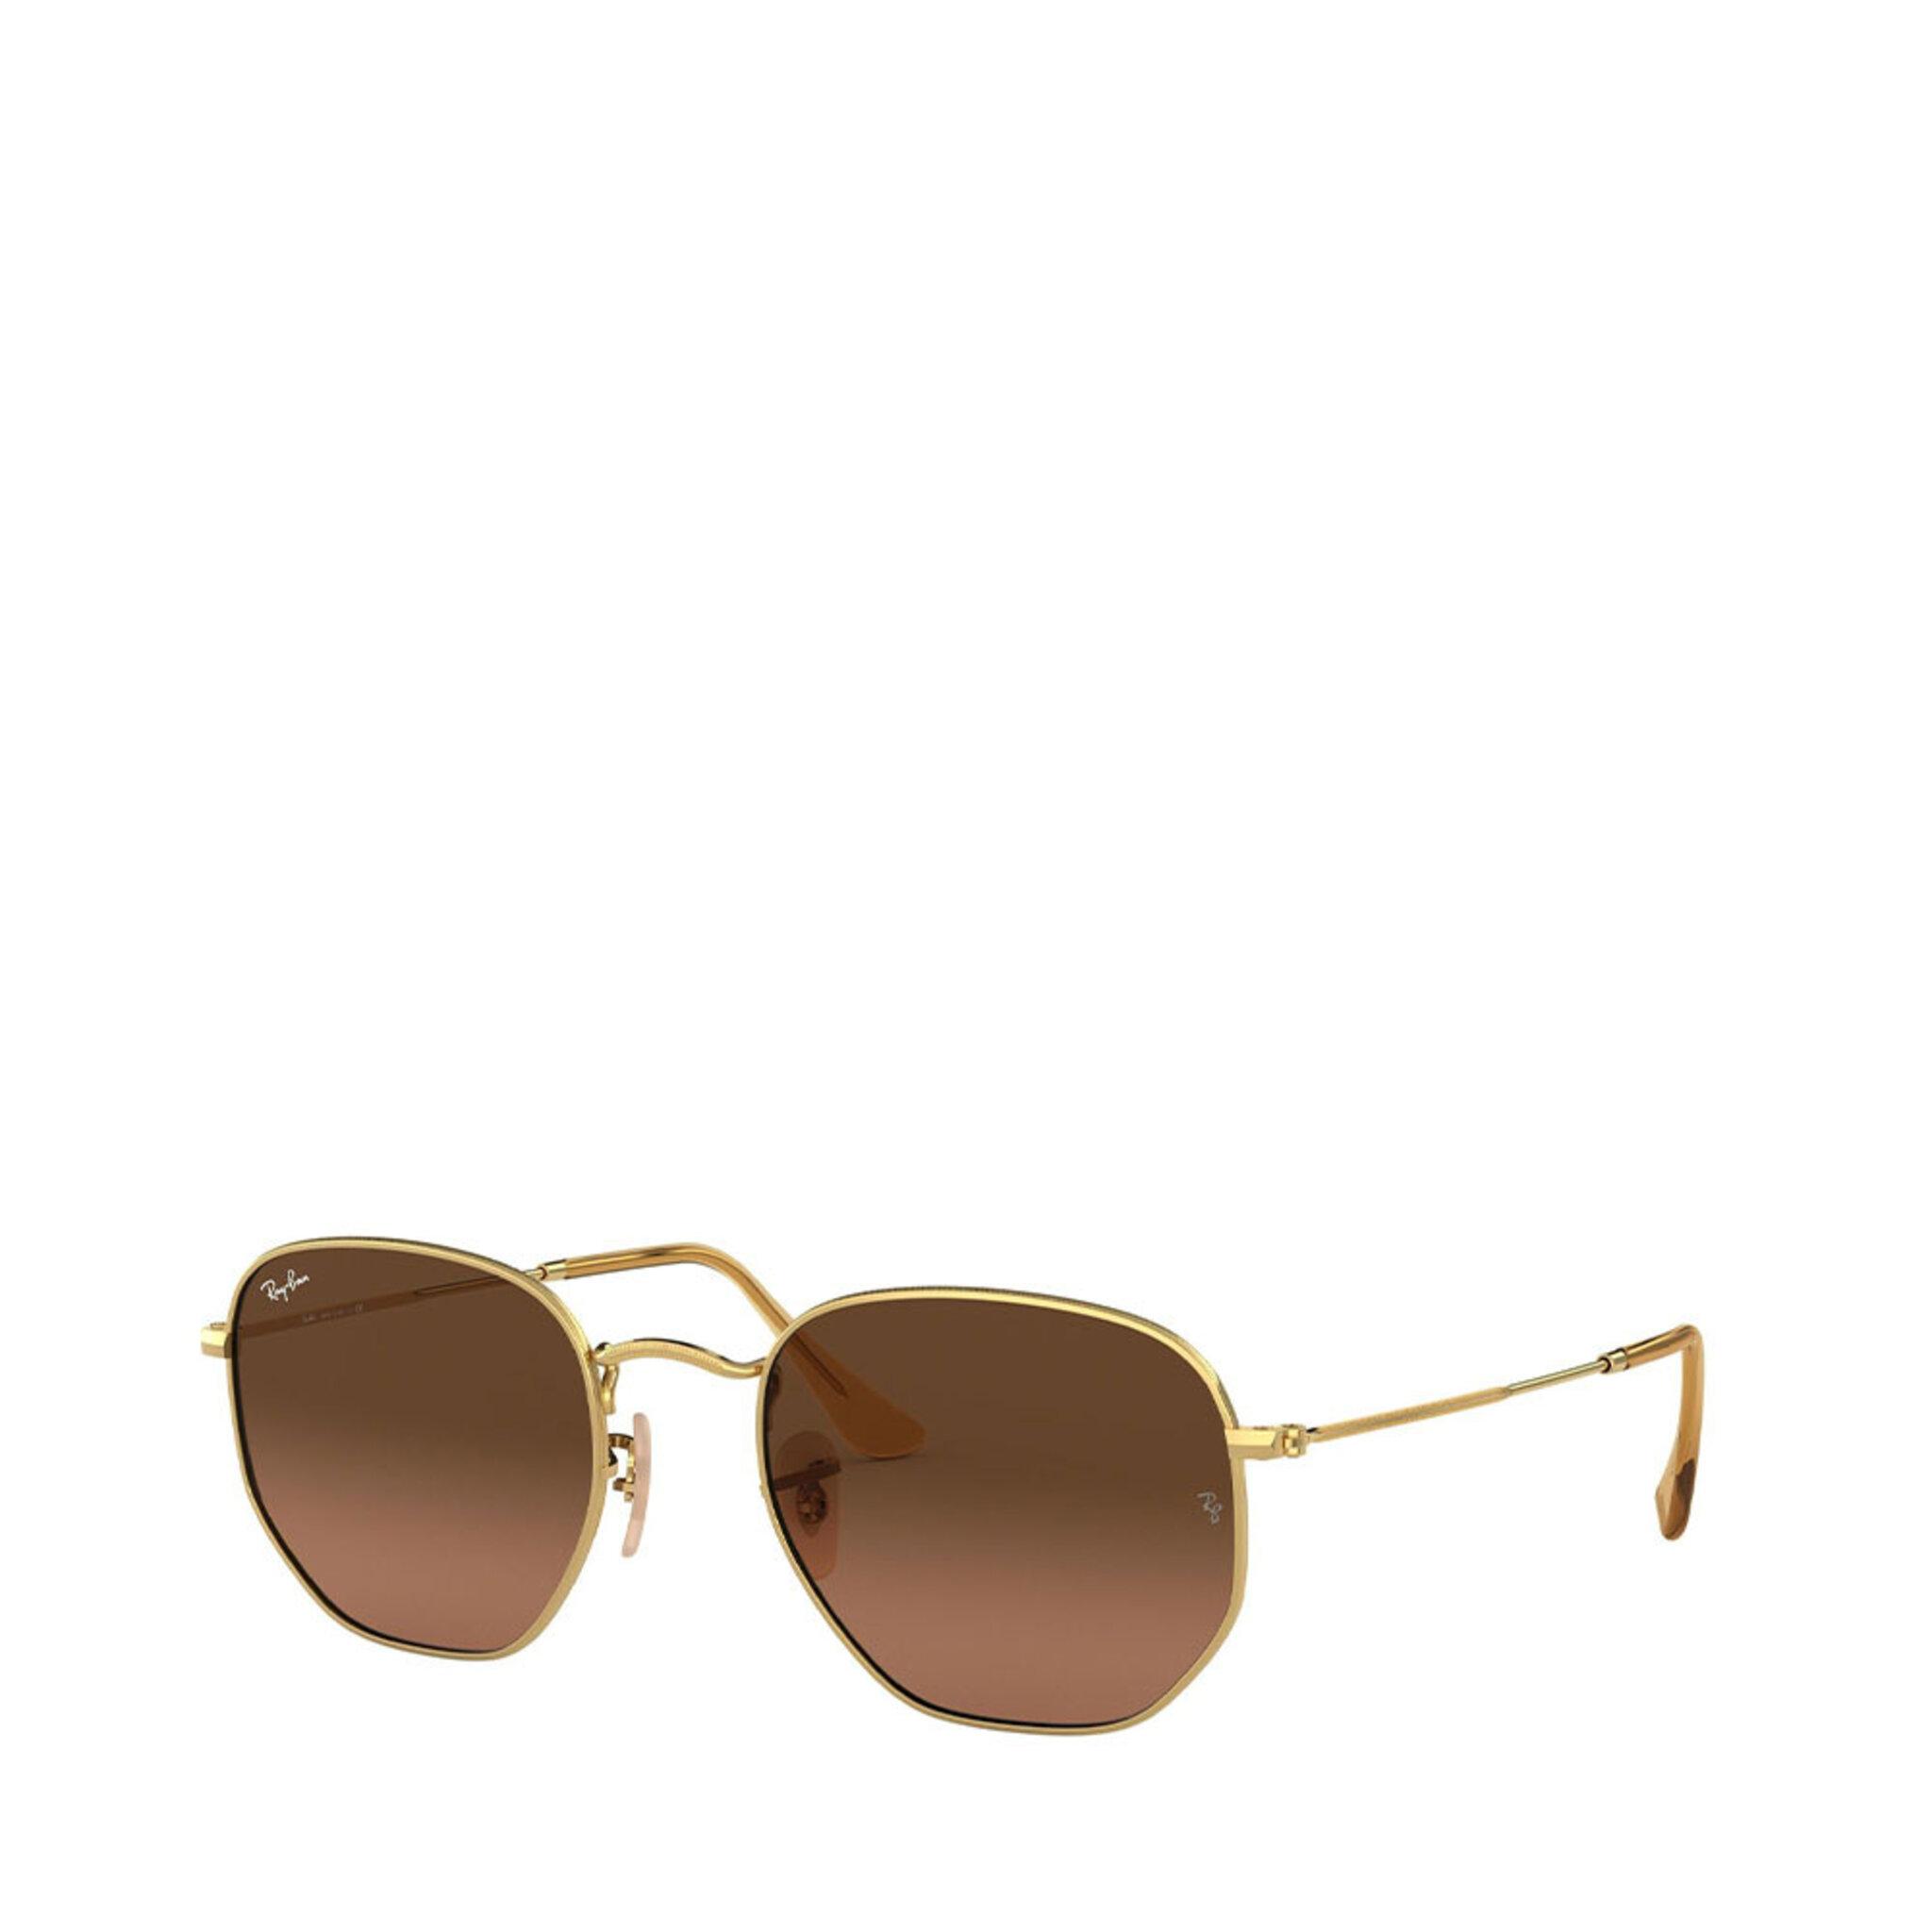 Solglasögon RB3548